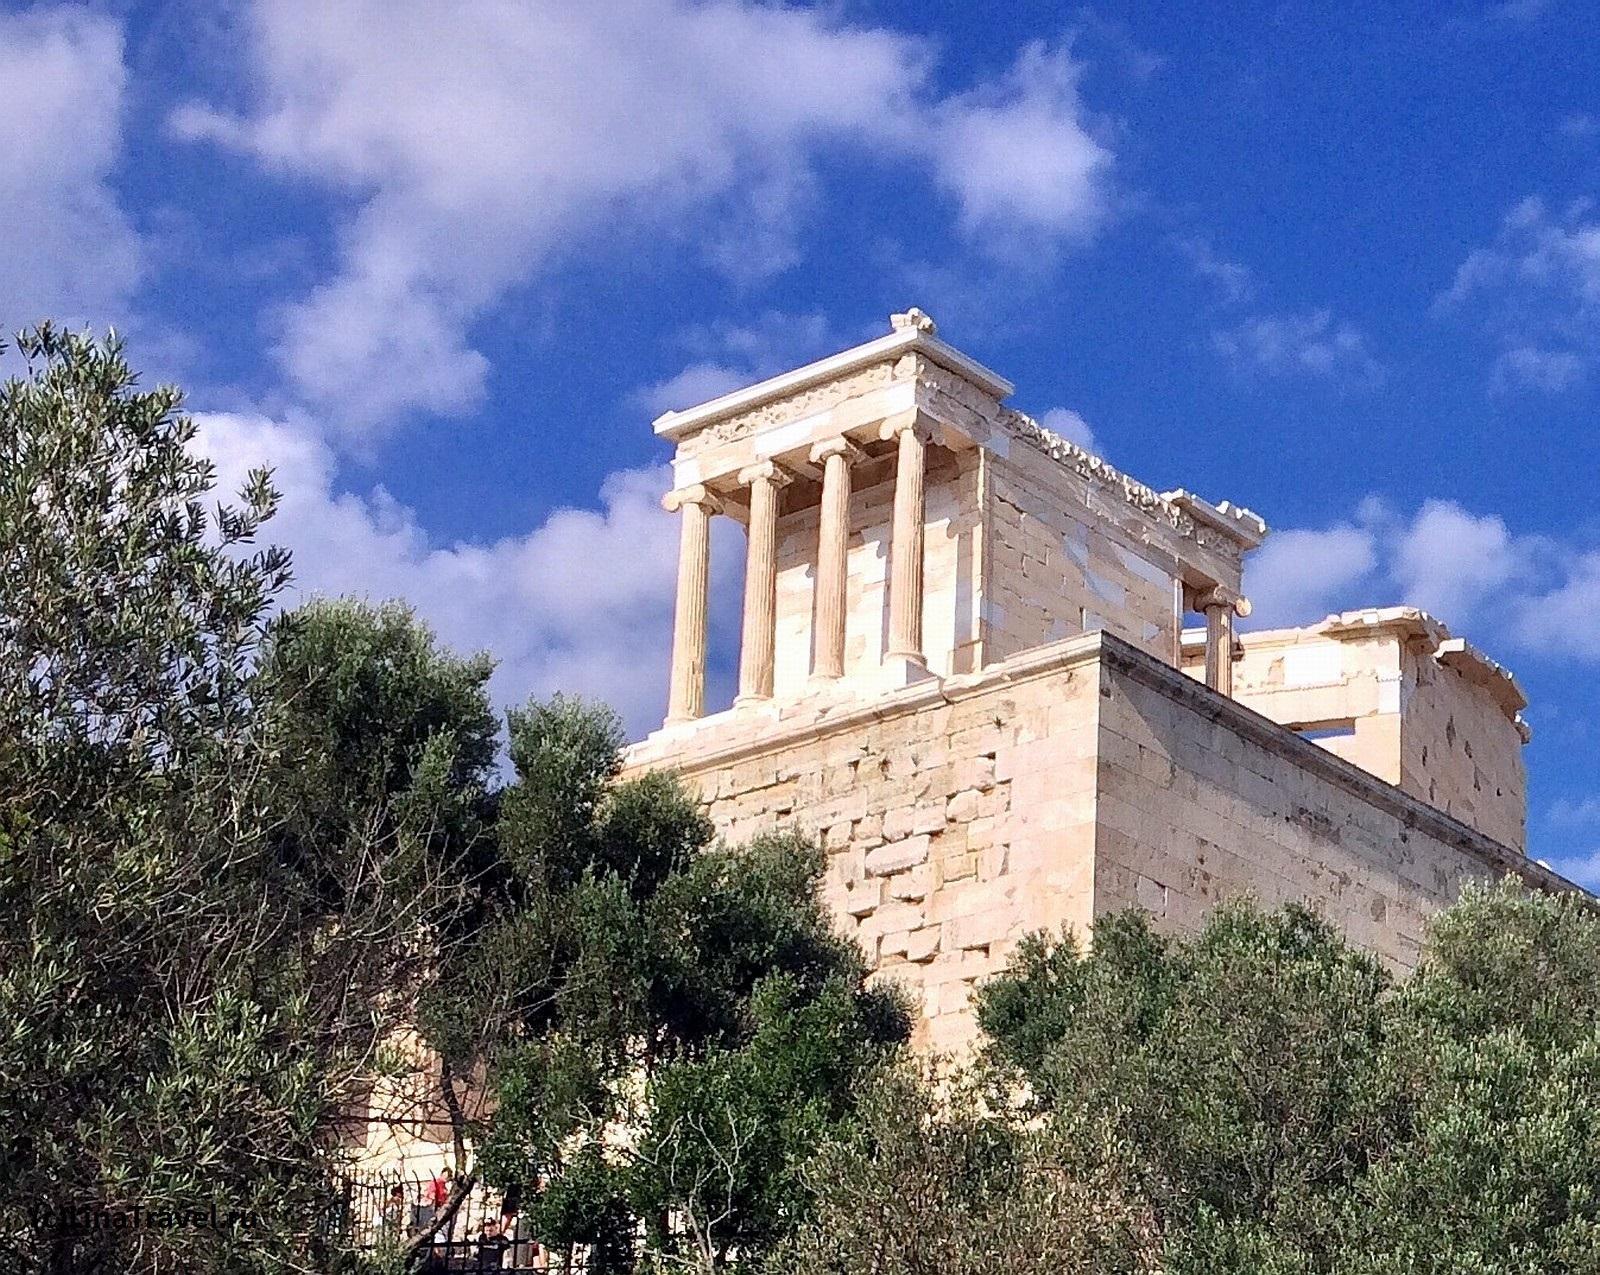 Здание выполнено в ионическом стиле, но архитектура подредактирована Калликратом, чтобы более соответствовать воинственному духу сооружения